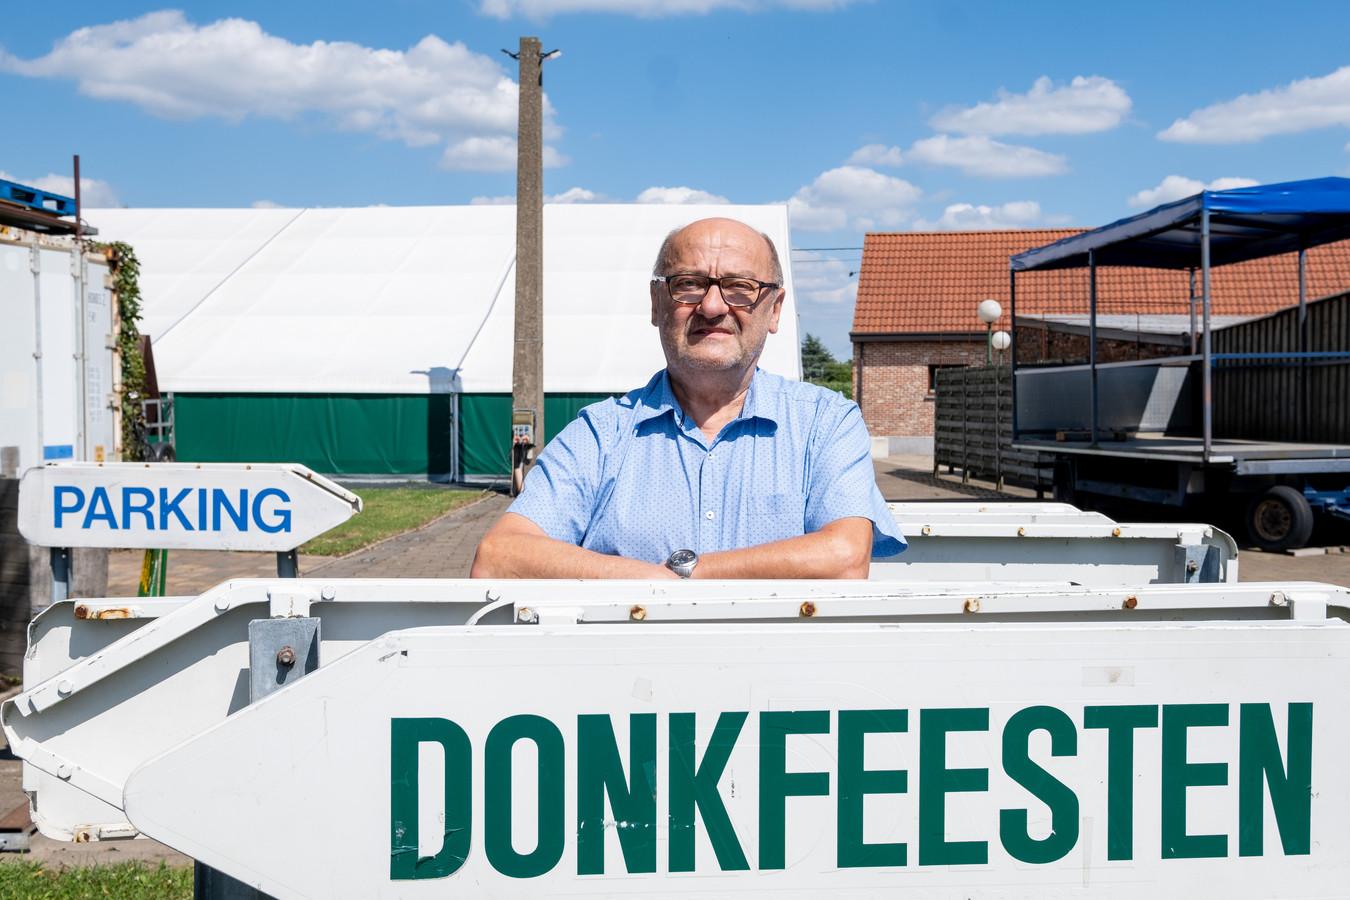 De tent voor de Donkfeesten staat al klaar.